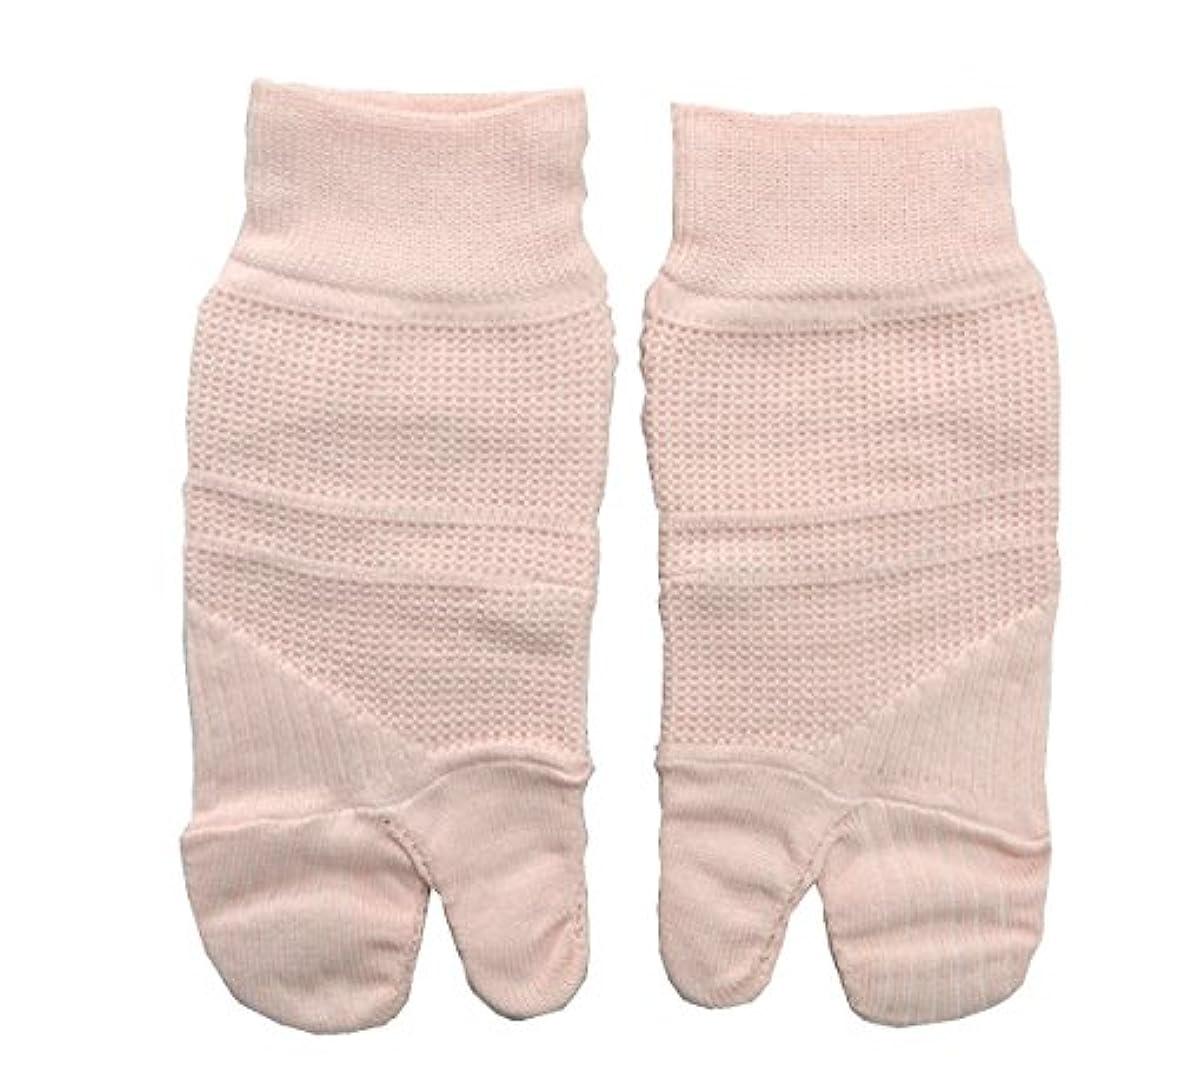 香ばしい礼儀考古学者外反母趾対策靴下(通常タイプ) コーポレーションパールスター?広島大学大学院特許製品